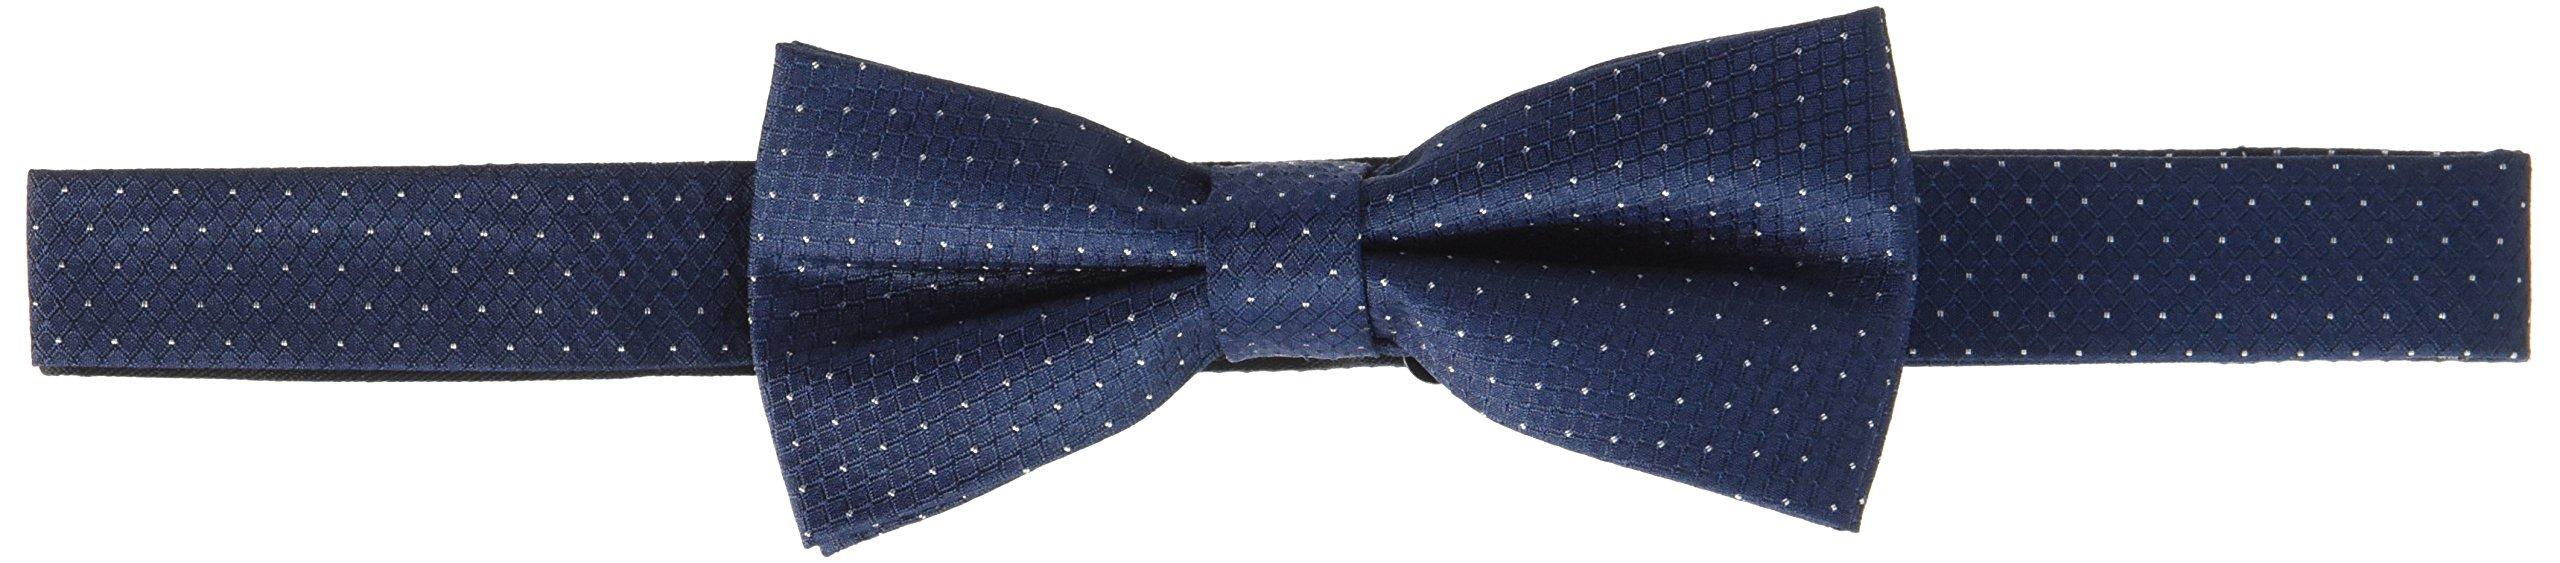 Tommy Hilfiger Bow Tie Corbata para Hombre